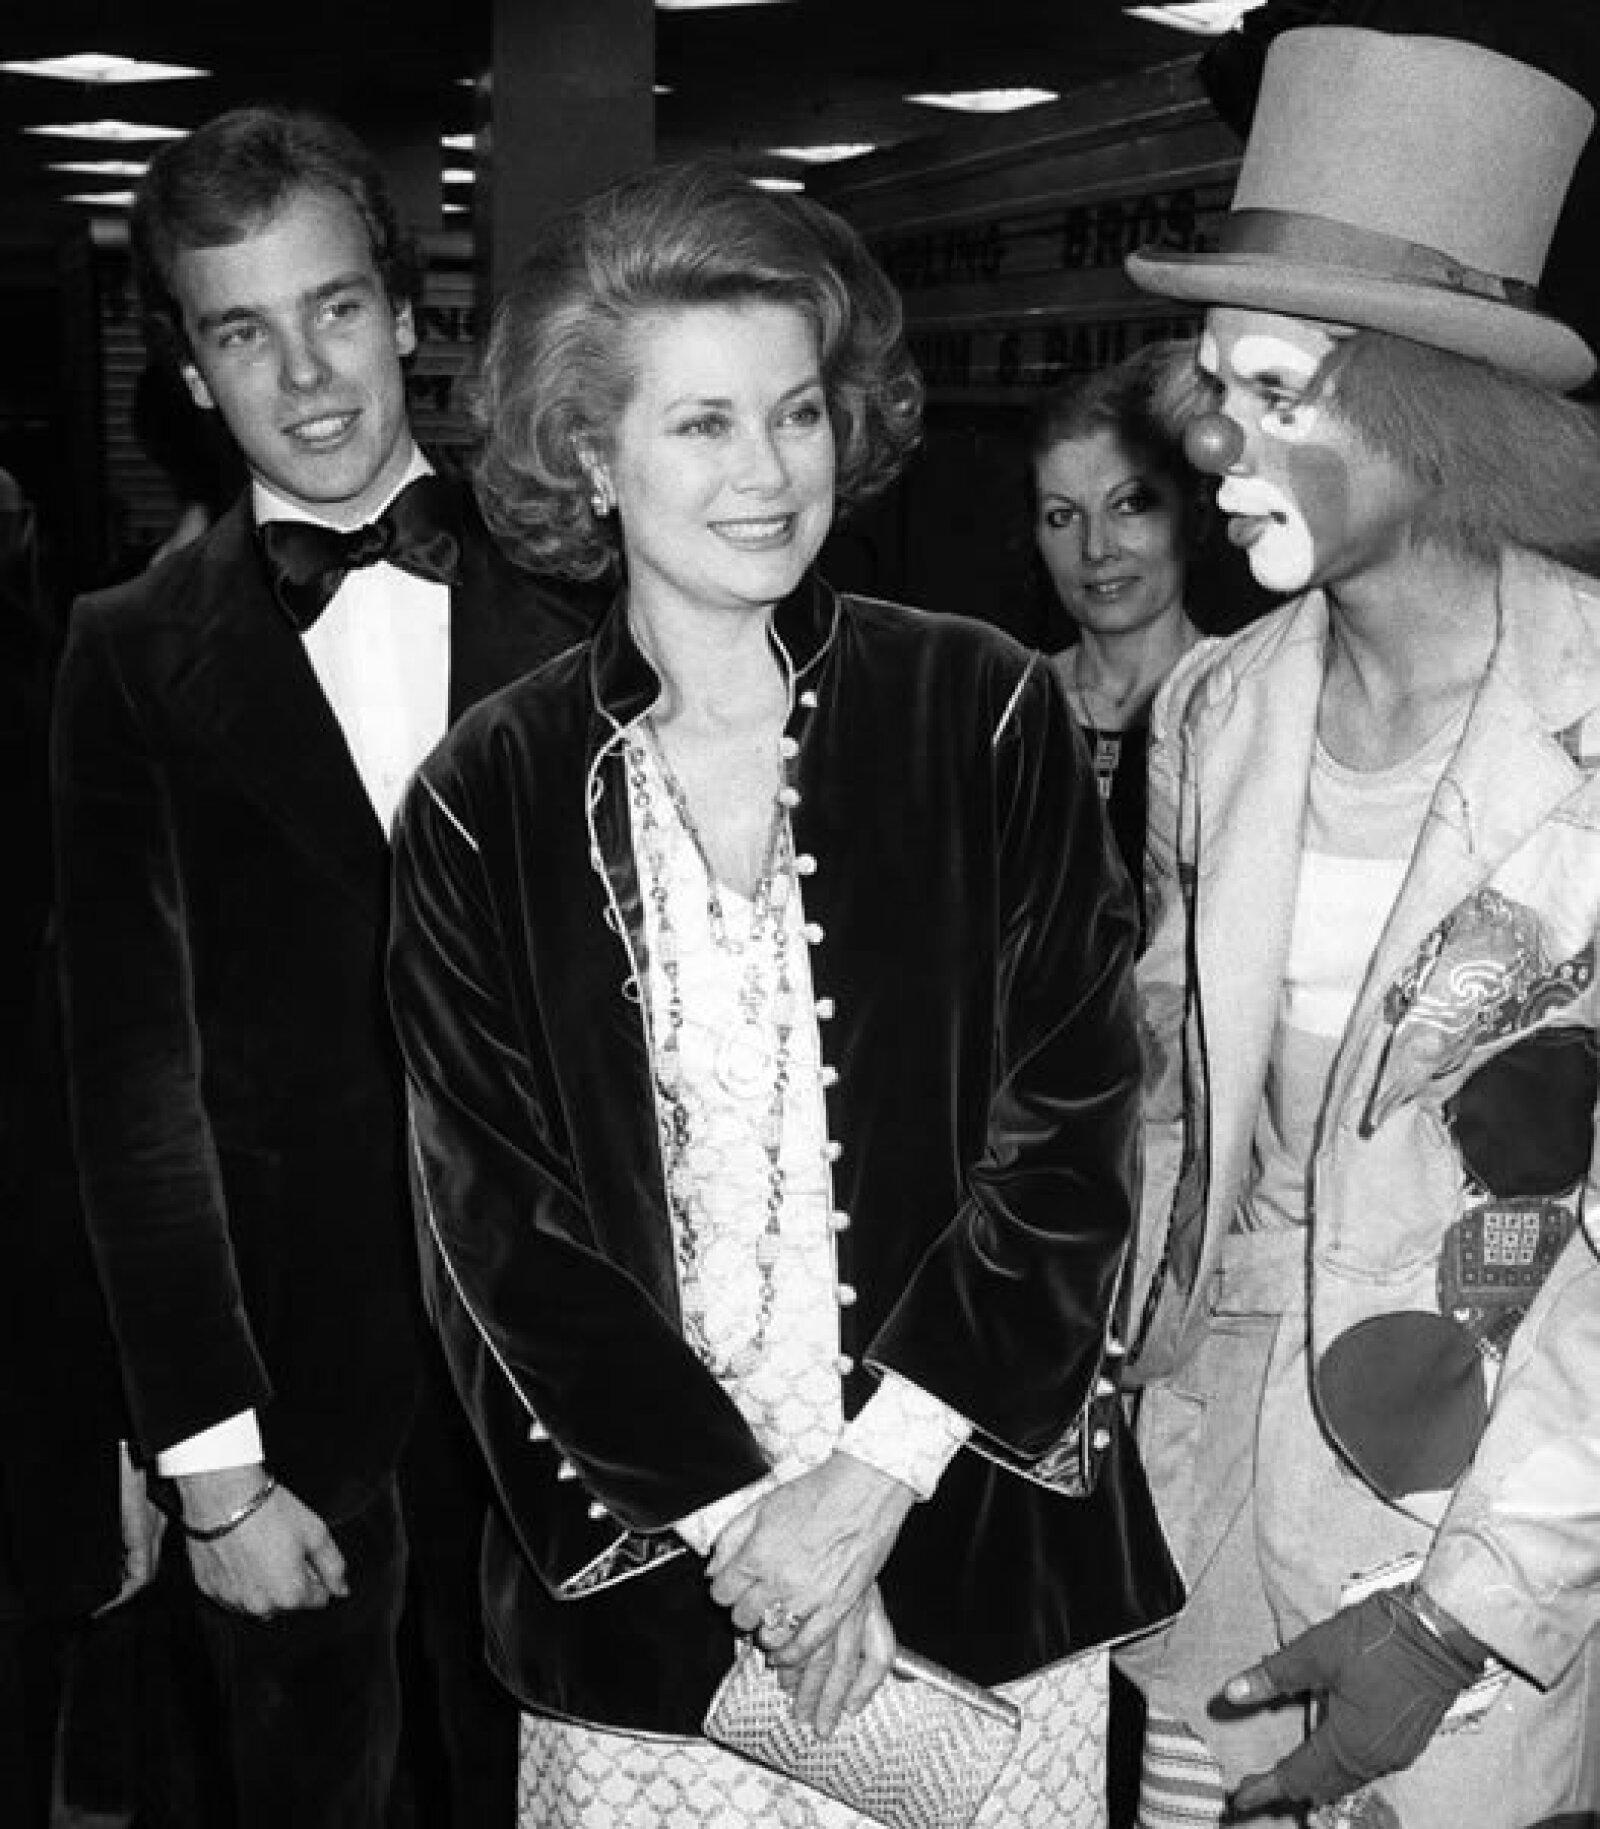 La mamá de Alberto, la princesa Grace, tuvo siempre una gran influencia en su vida y él la consideraba la mejor mujer del mundo, incluso algunos decían que estaba enamorado de ella. Aquí juntos en 1977, en Nueva York.